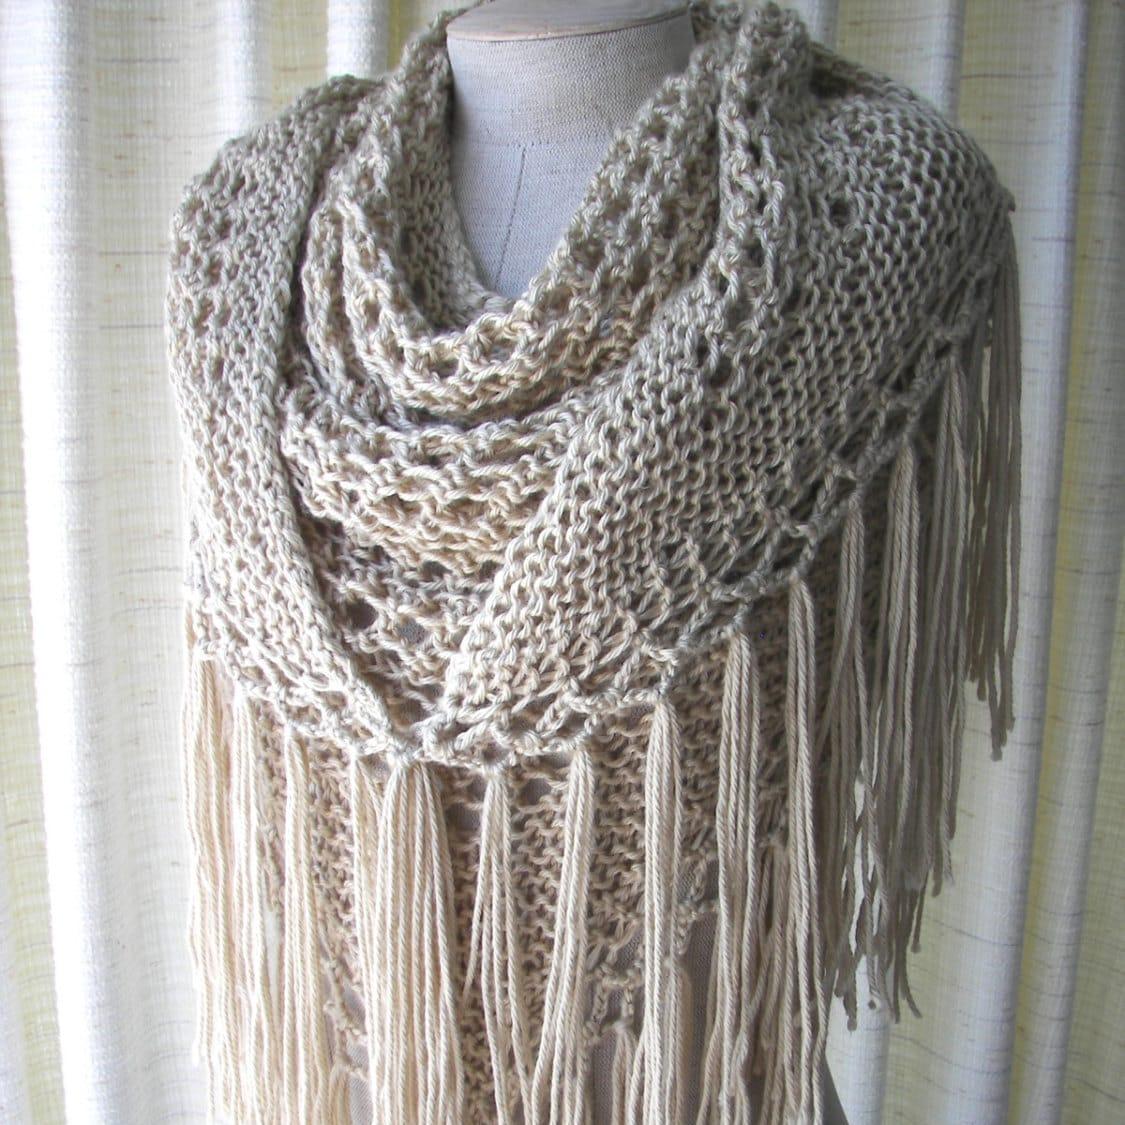 Knochen von Hand stricken Schal Dreieck Schal Fransen aus